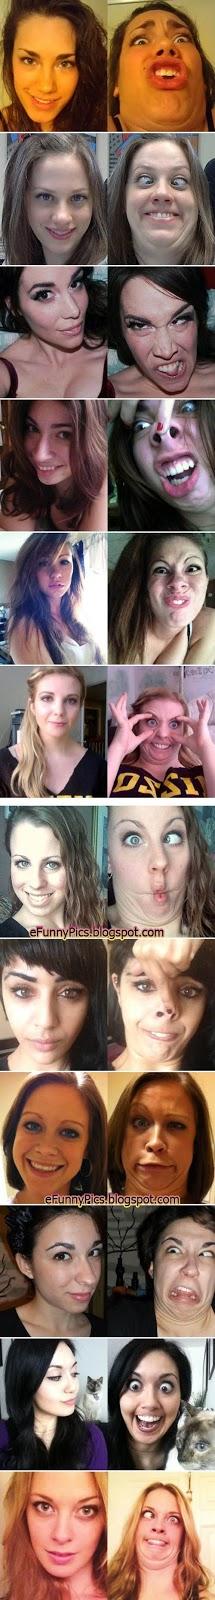 Pretty face vs. Grimace